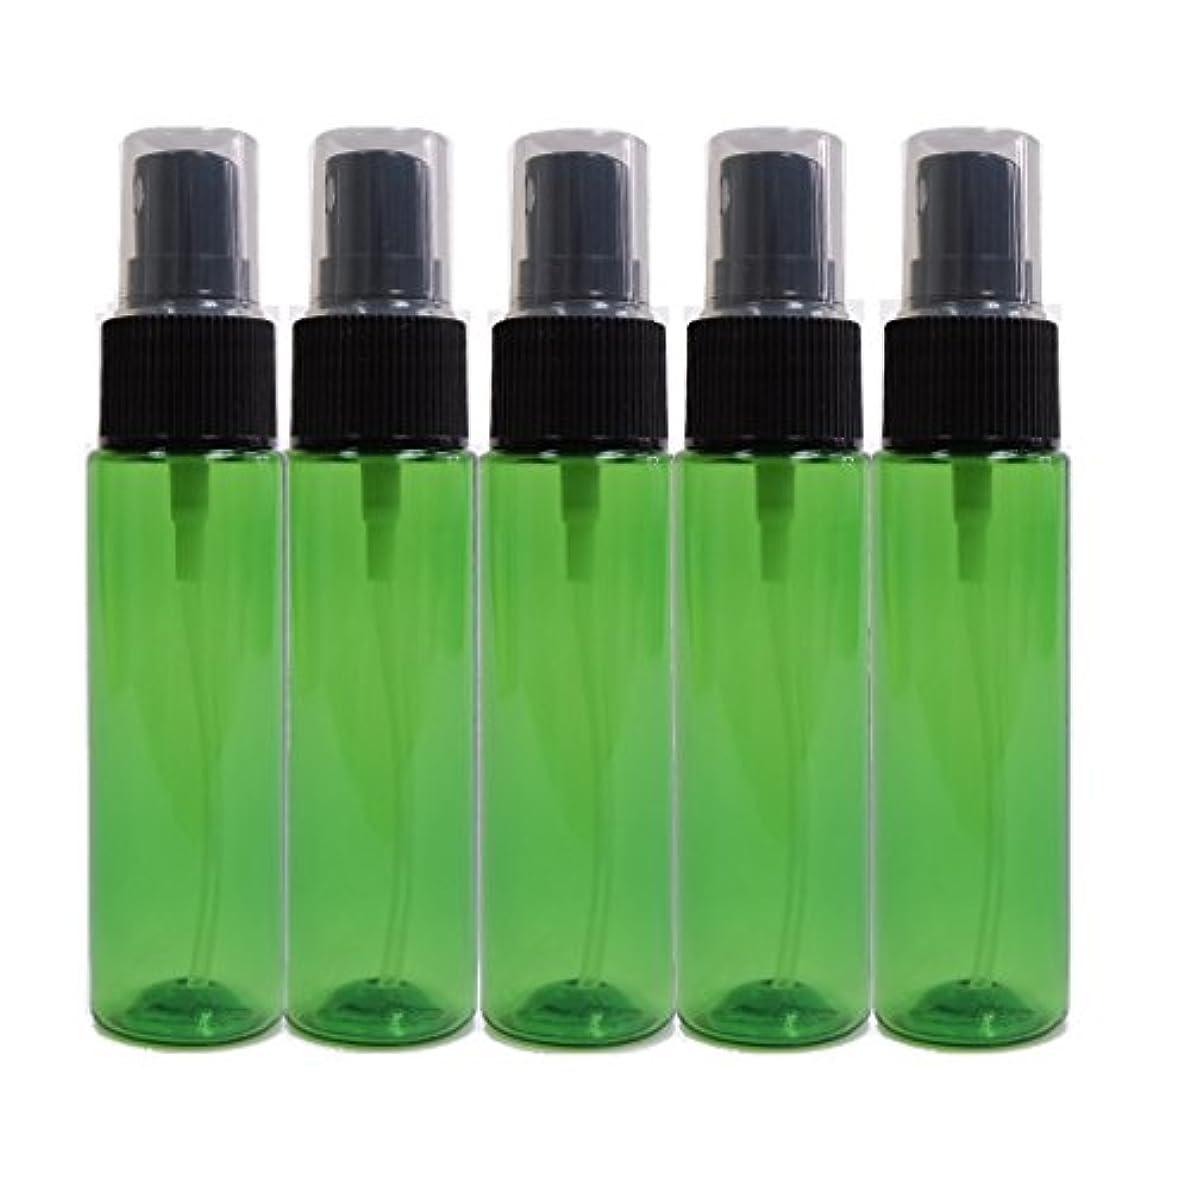 脚本家石の石油ease 保存容器 スプレータイプ プラスチック 緑色 30ml×5本